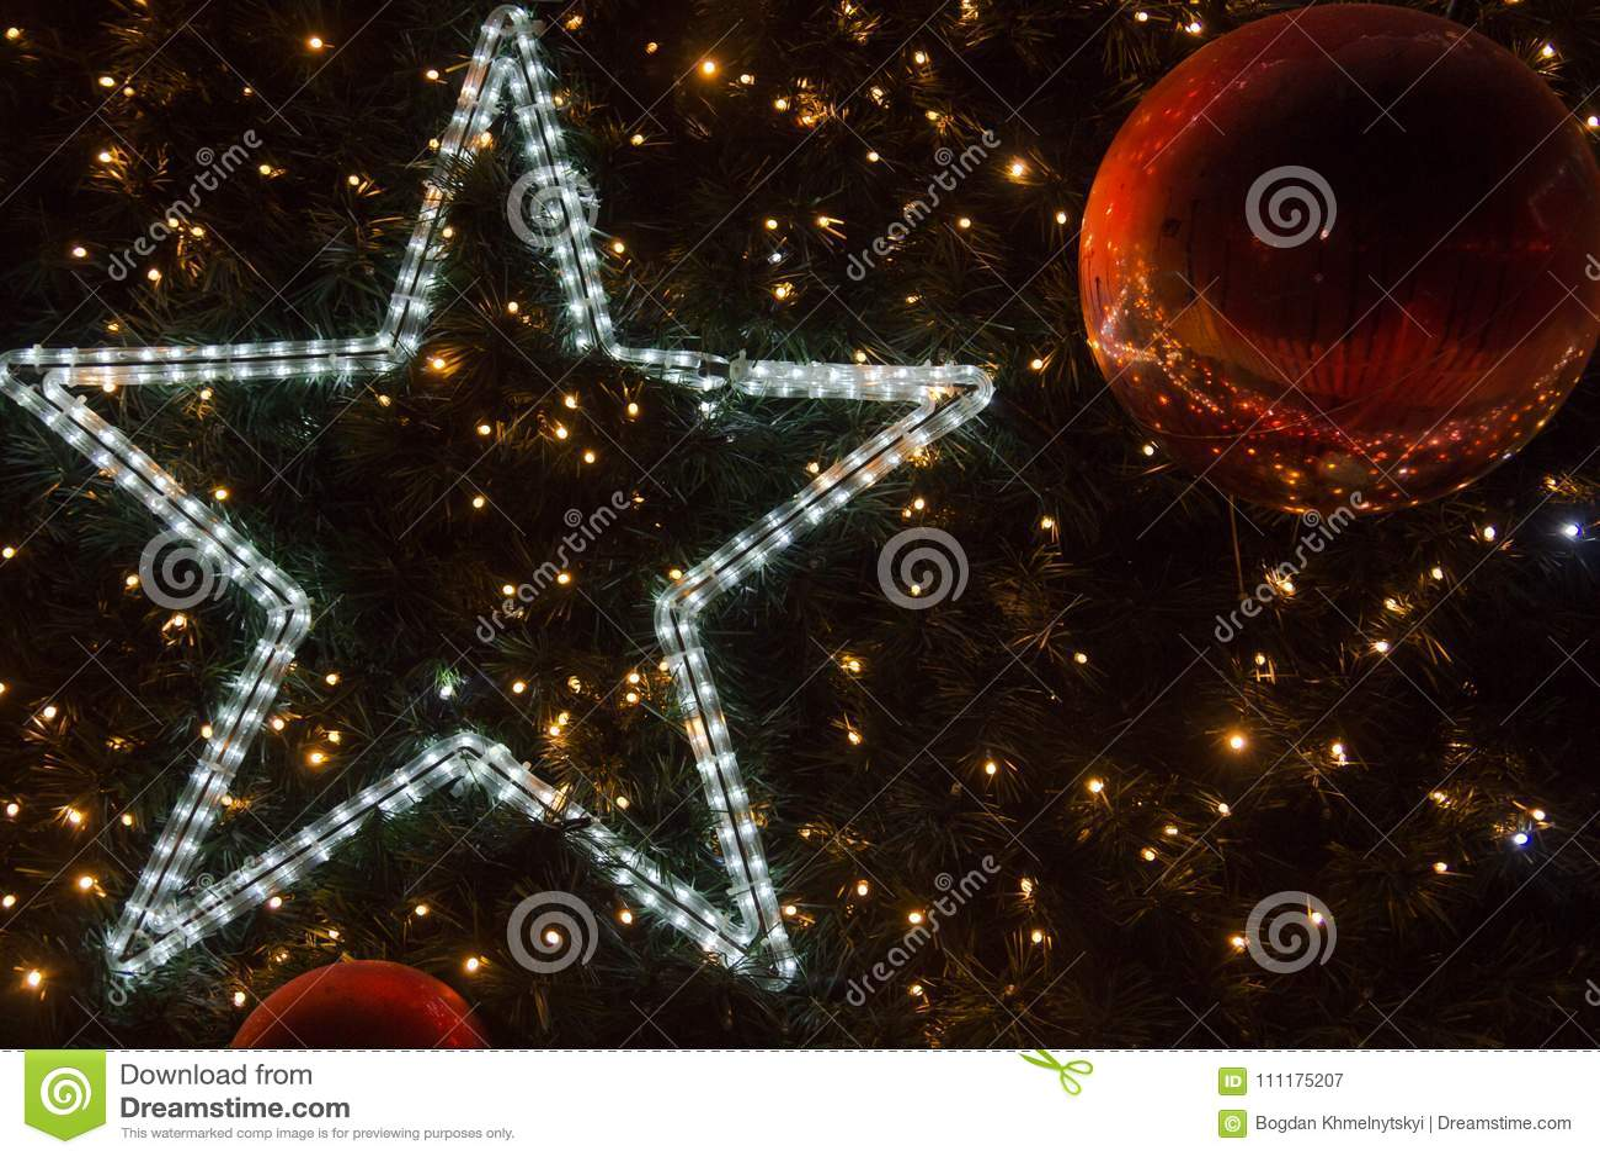 Stella Albero Di Natale Luminosa.Albero Di Natale Decorato Con Una Stella Luminosa Le Luci Brillanti